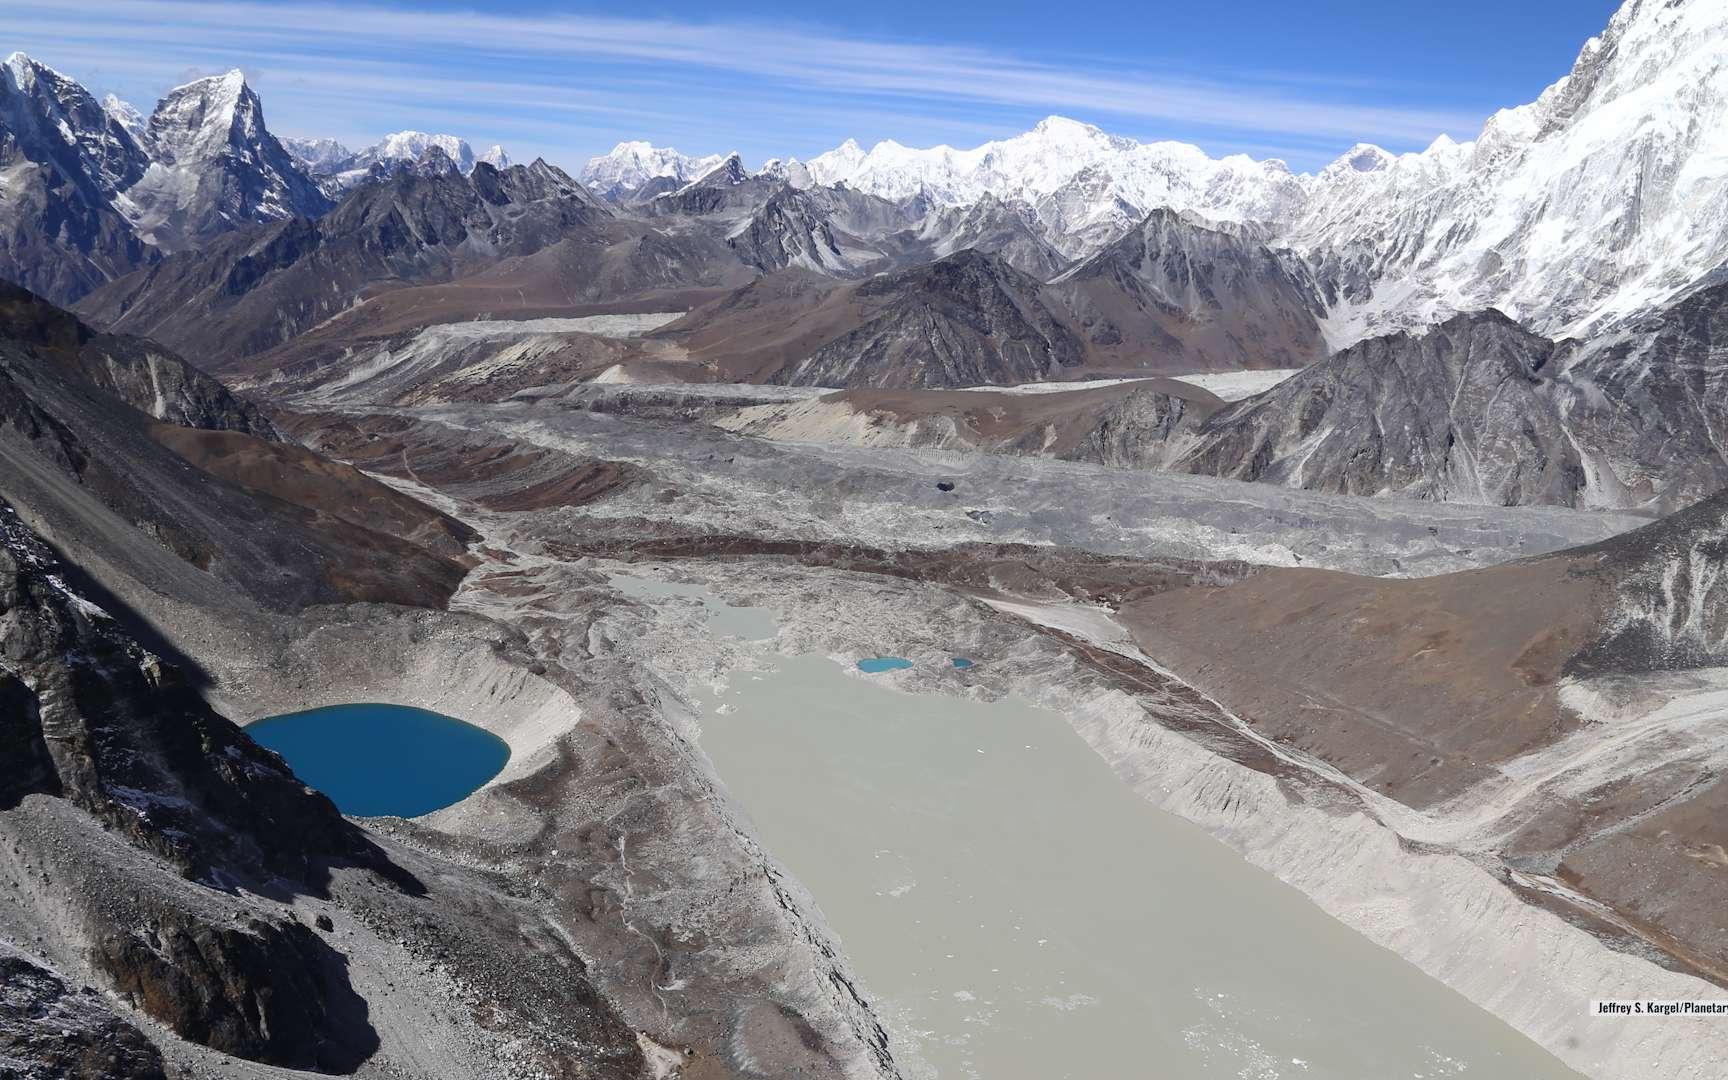 Un lac glaciaire dans les montagnes de l'Himalaya. © Planetary Science Institute, Jeffrey S. Kargel